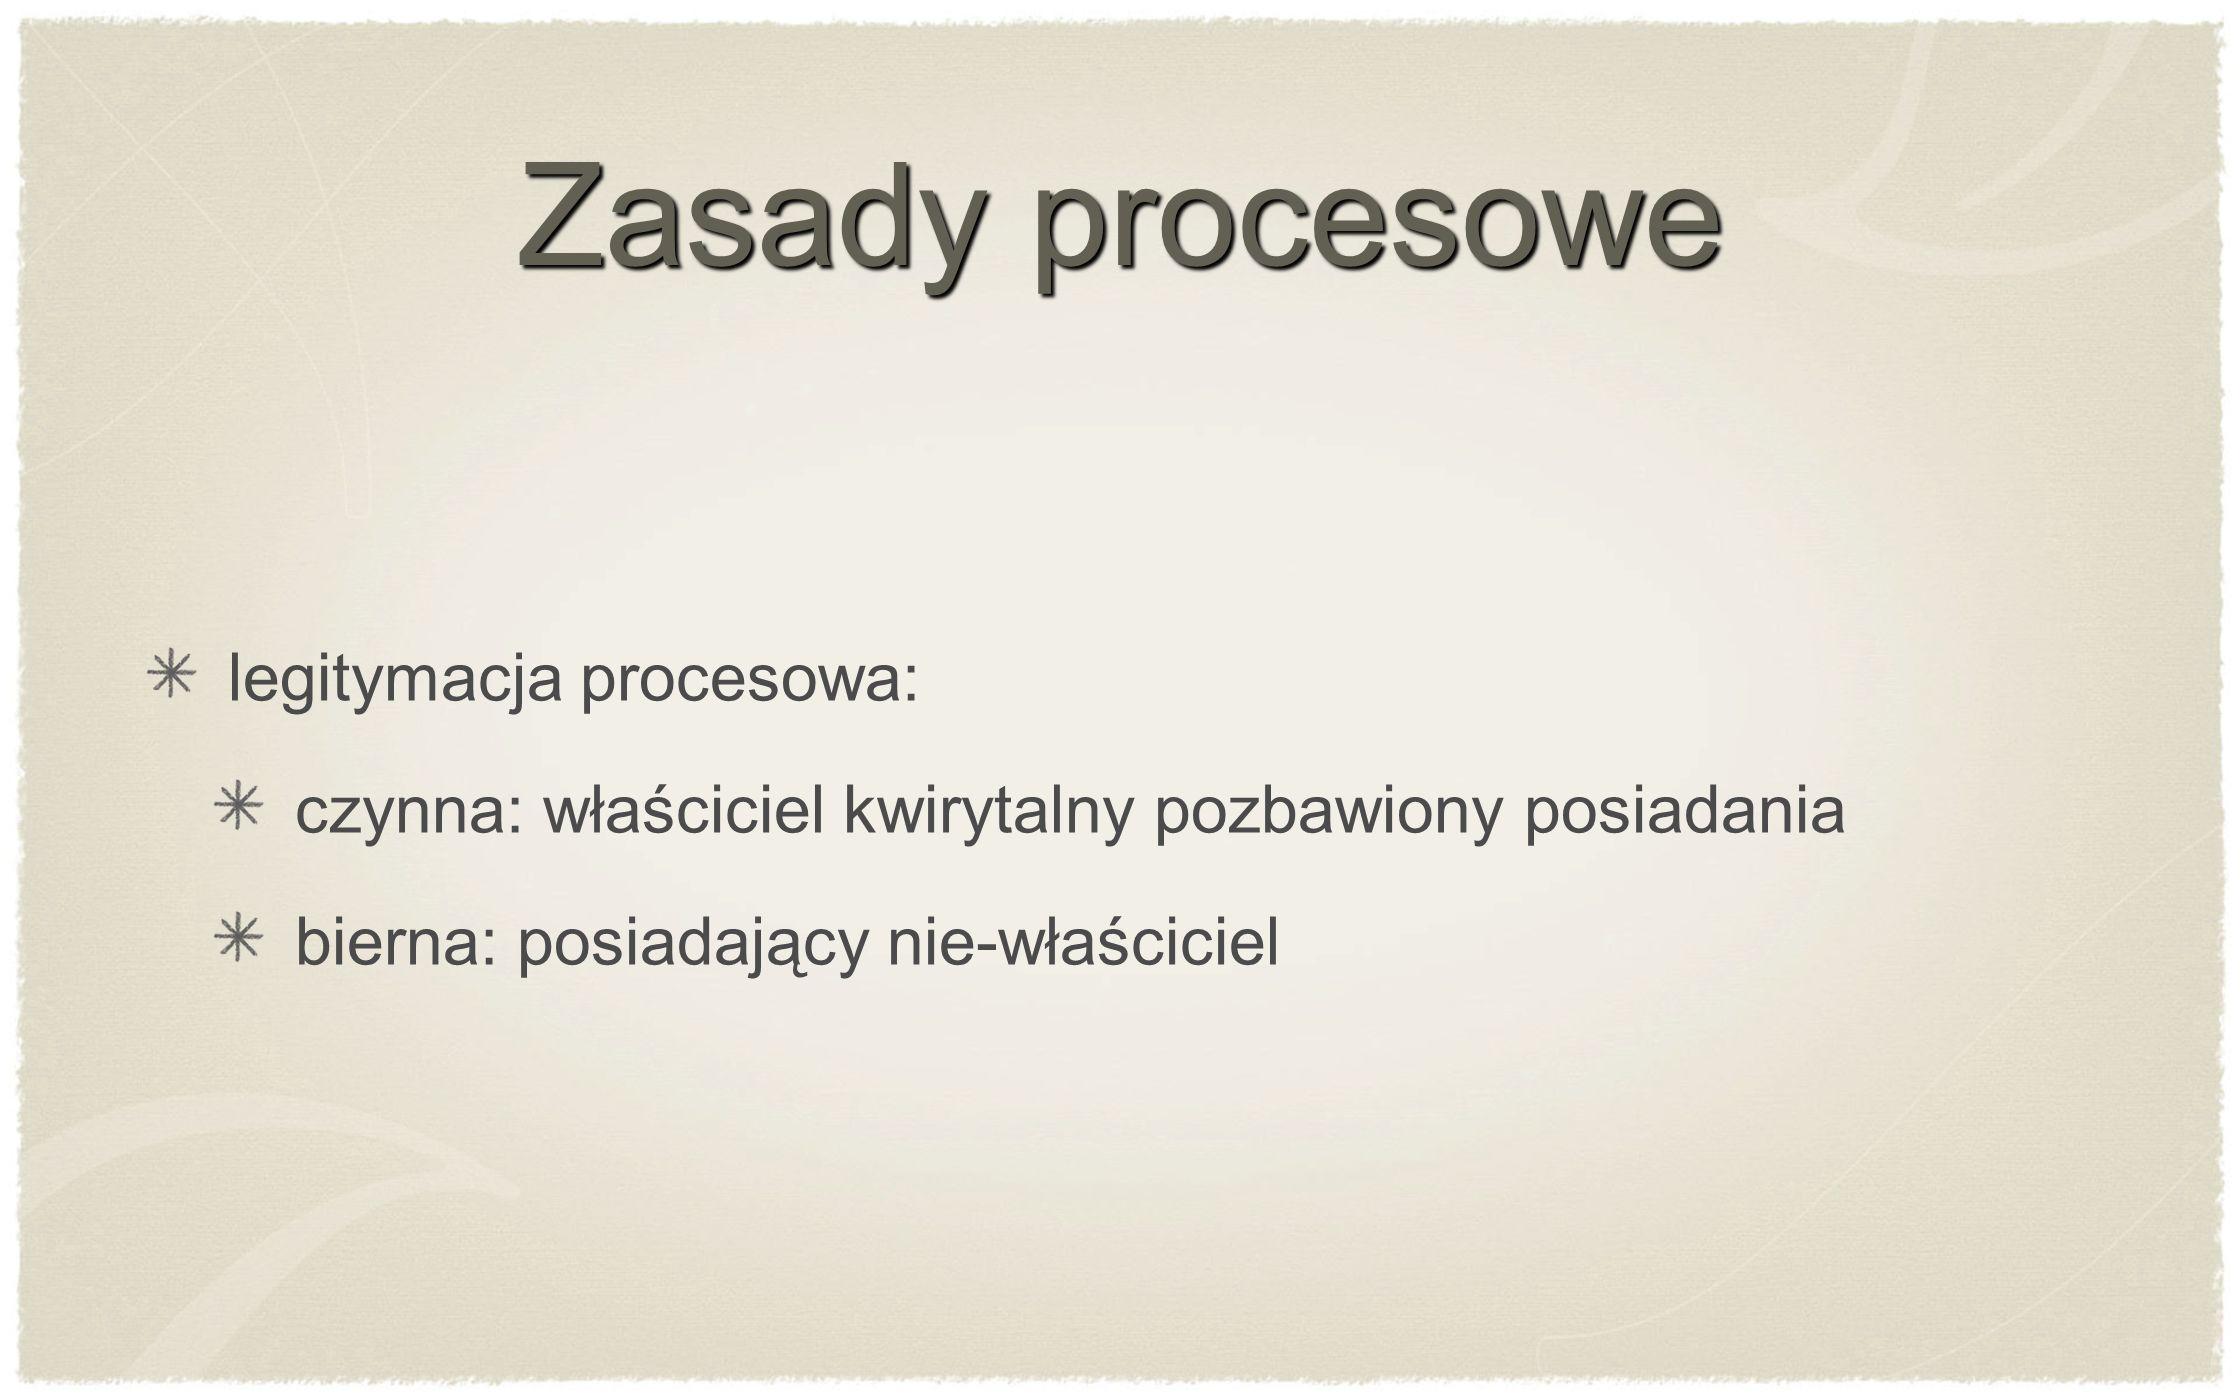 Zasady procesowe legitymacja procesowa: czynna: właściciel kwirytalny pozbawiony posiadania bierna: posiadający nie-właściciel